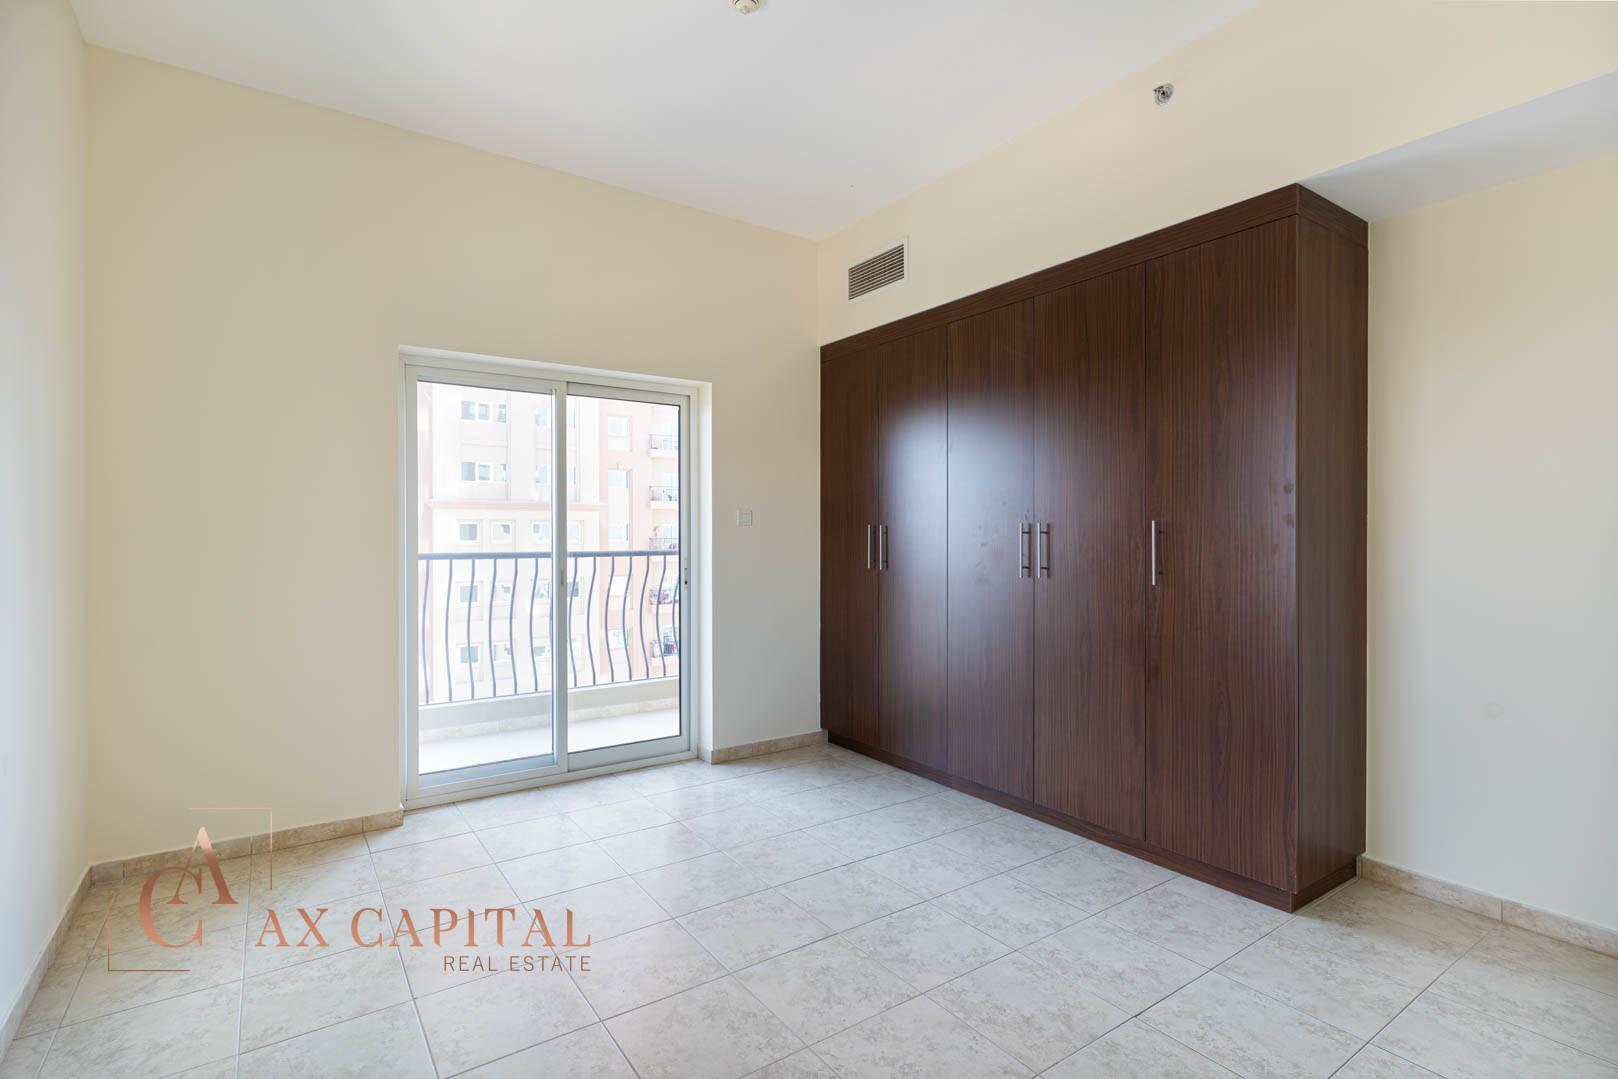 Купить квартиру в оаэ можно marina view hotel 4 дубай